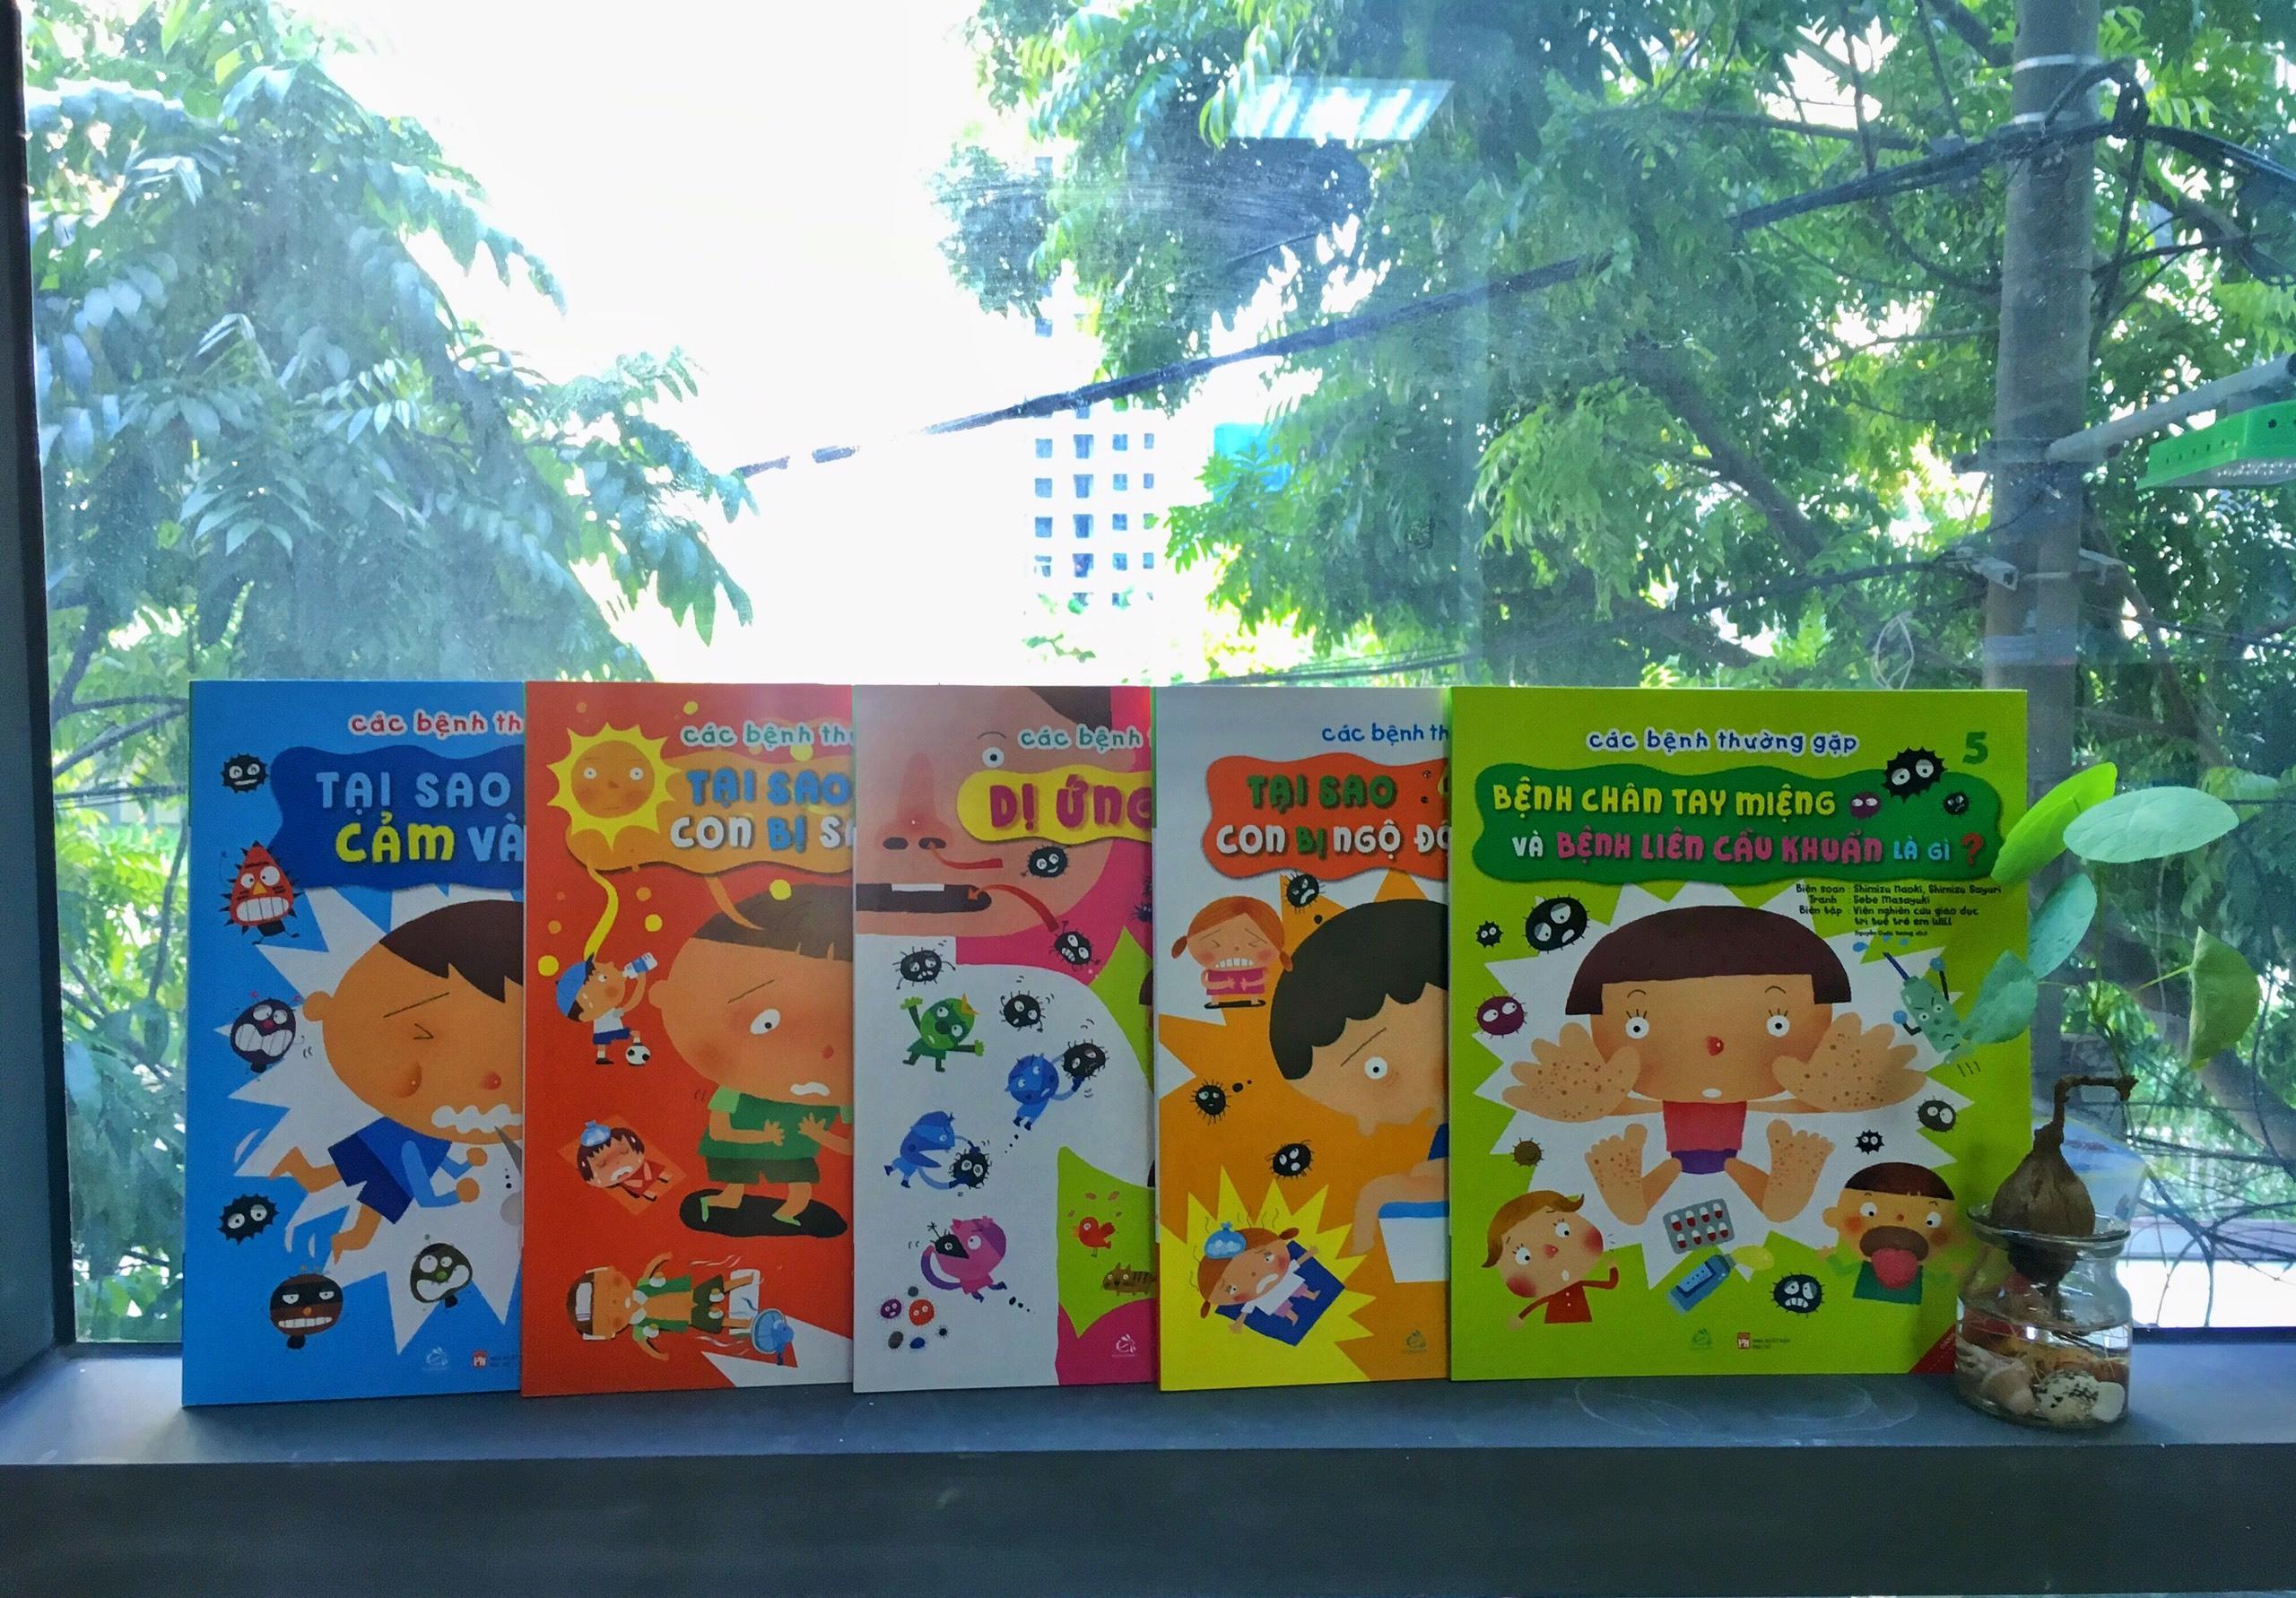 10 bộ sách Ehon Nhật Bản được yêu thích năm 2019